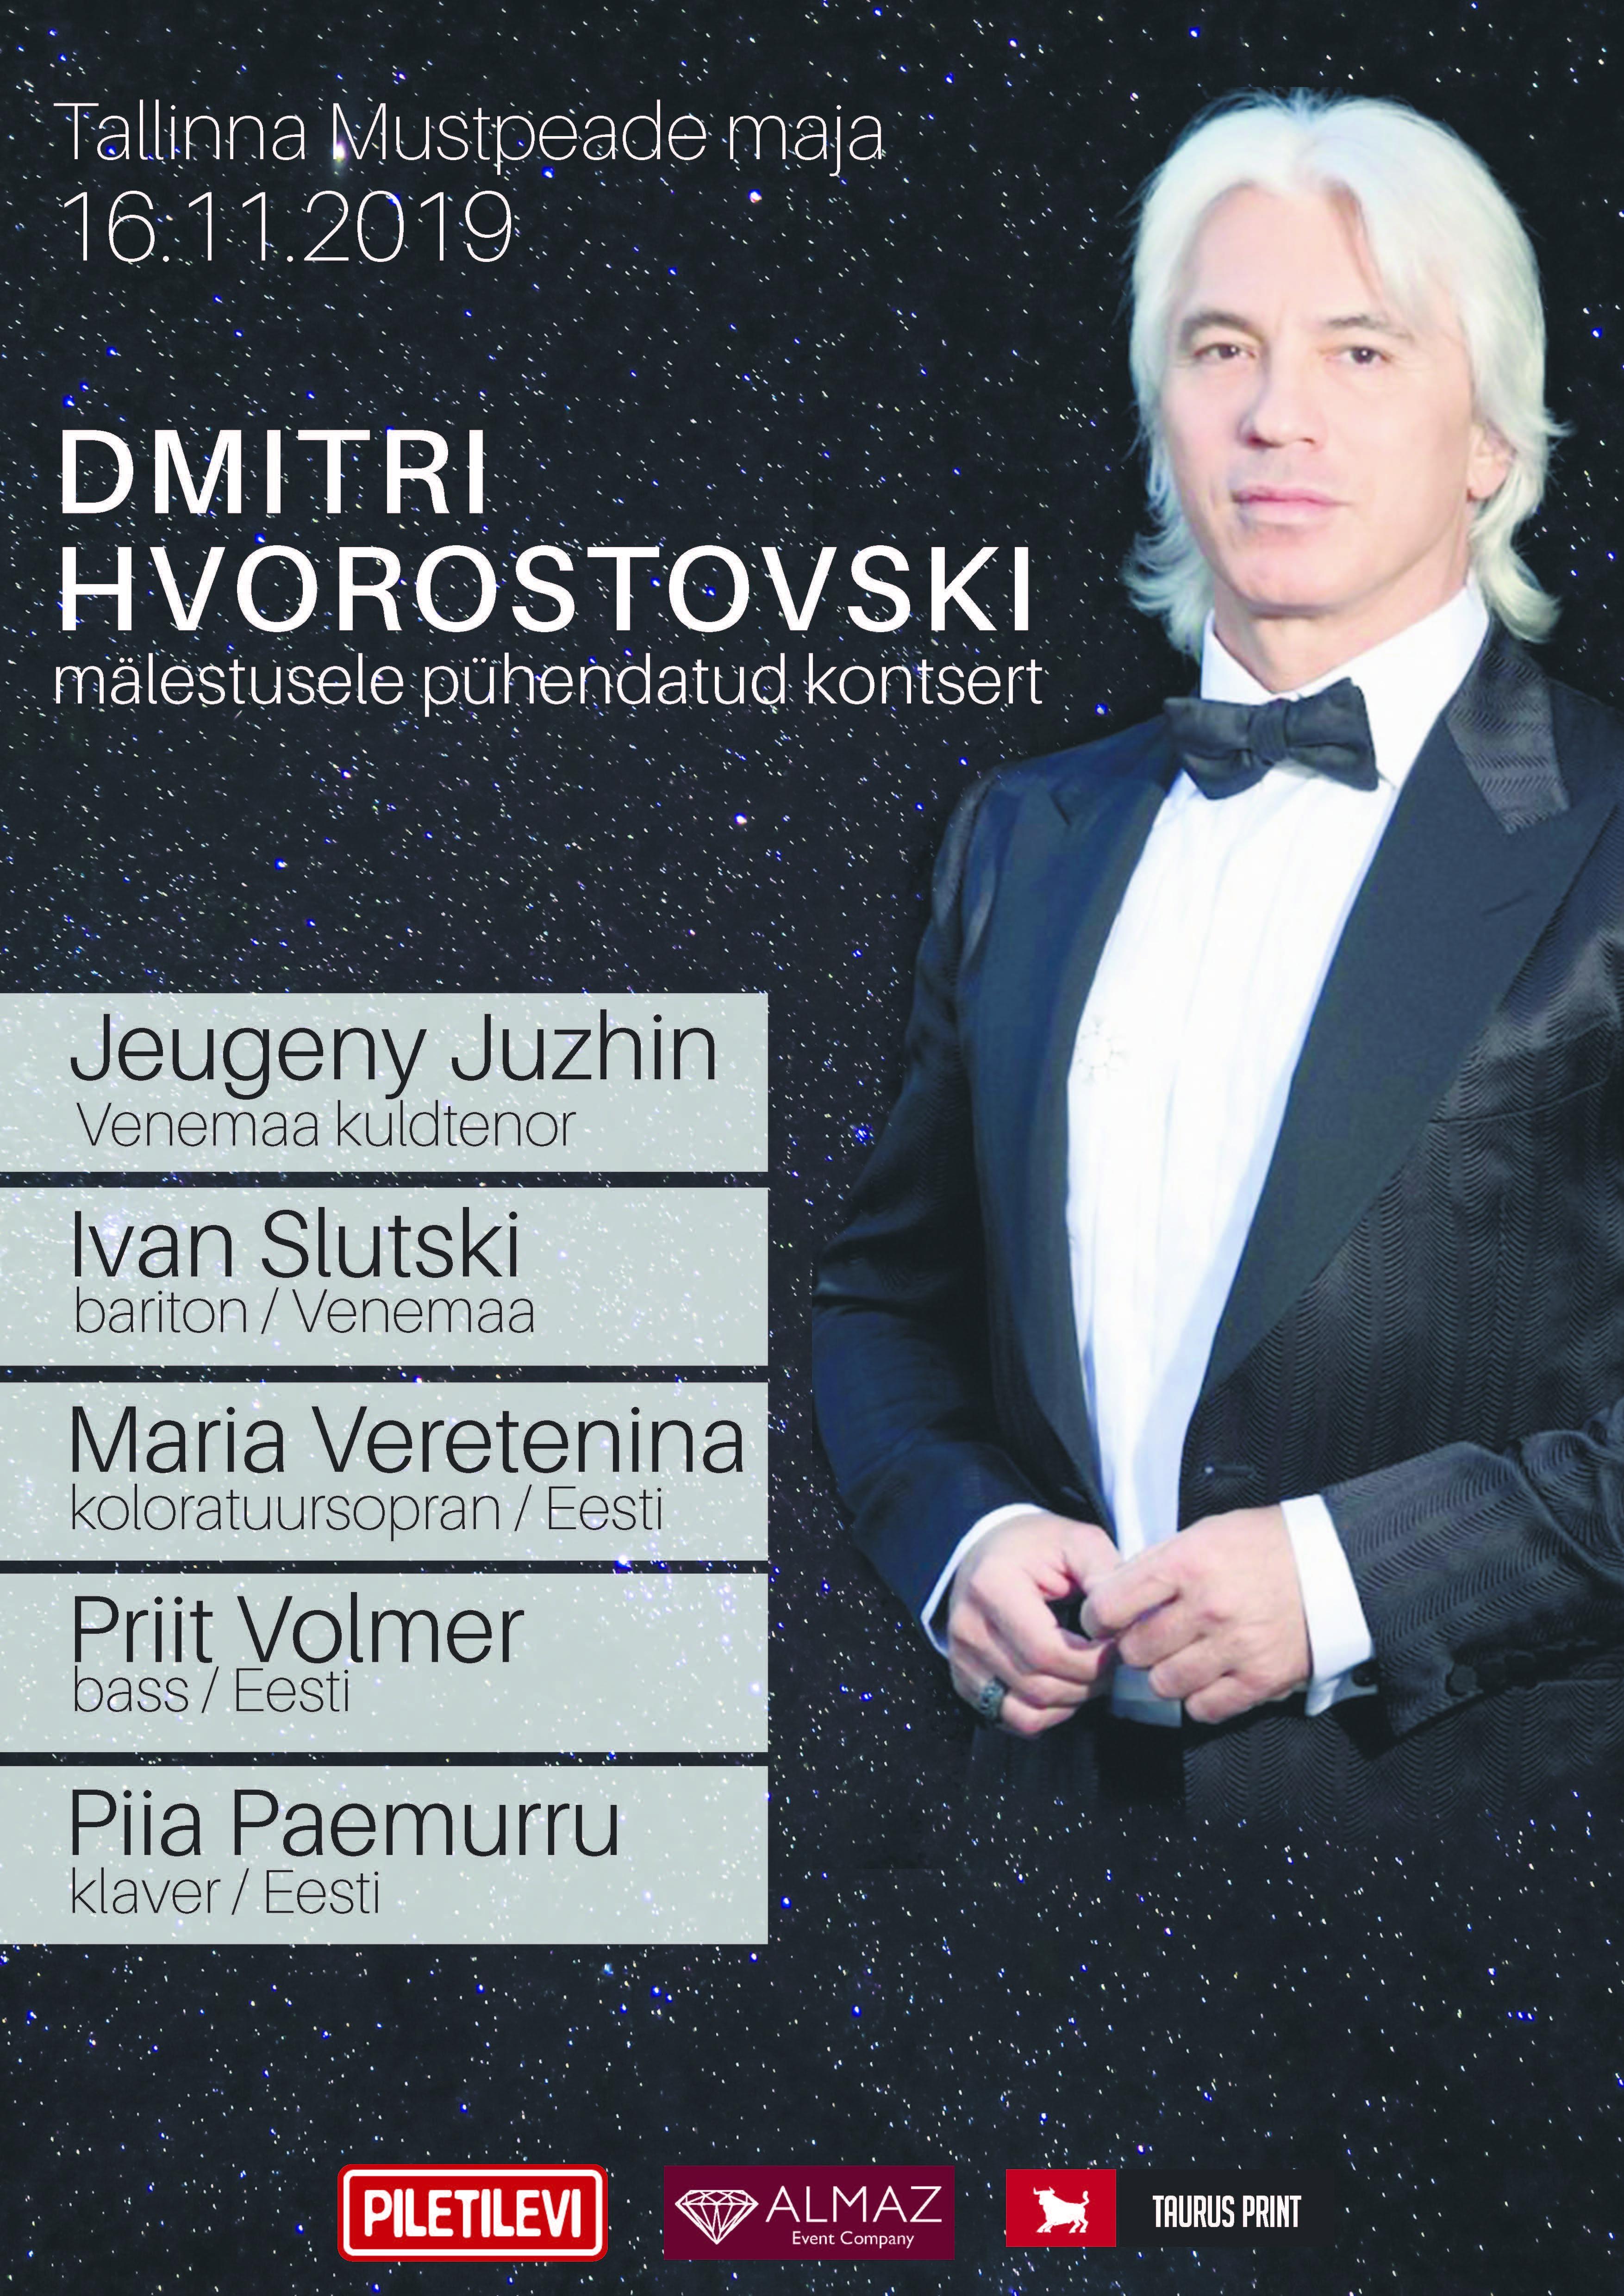 Dmitri Hvorostovski mälestusele pühendatud kontsert